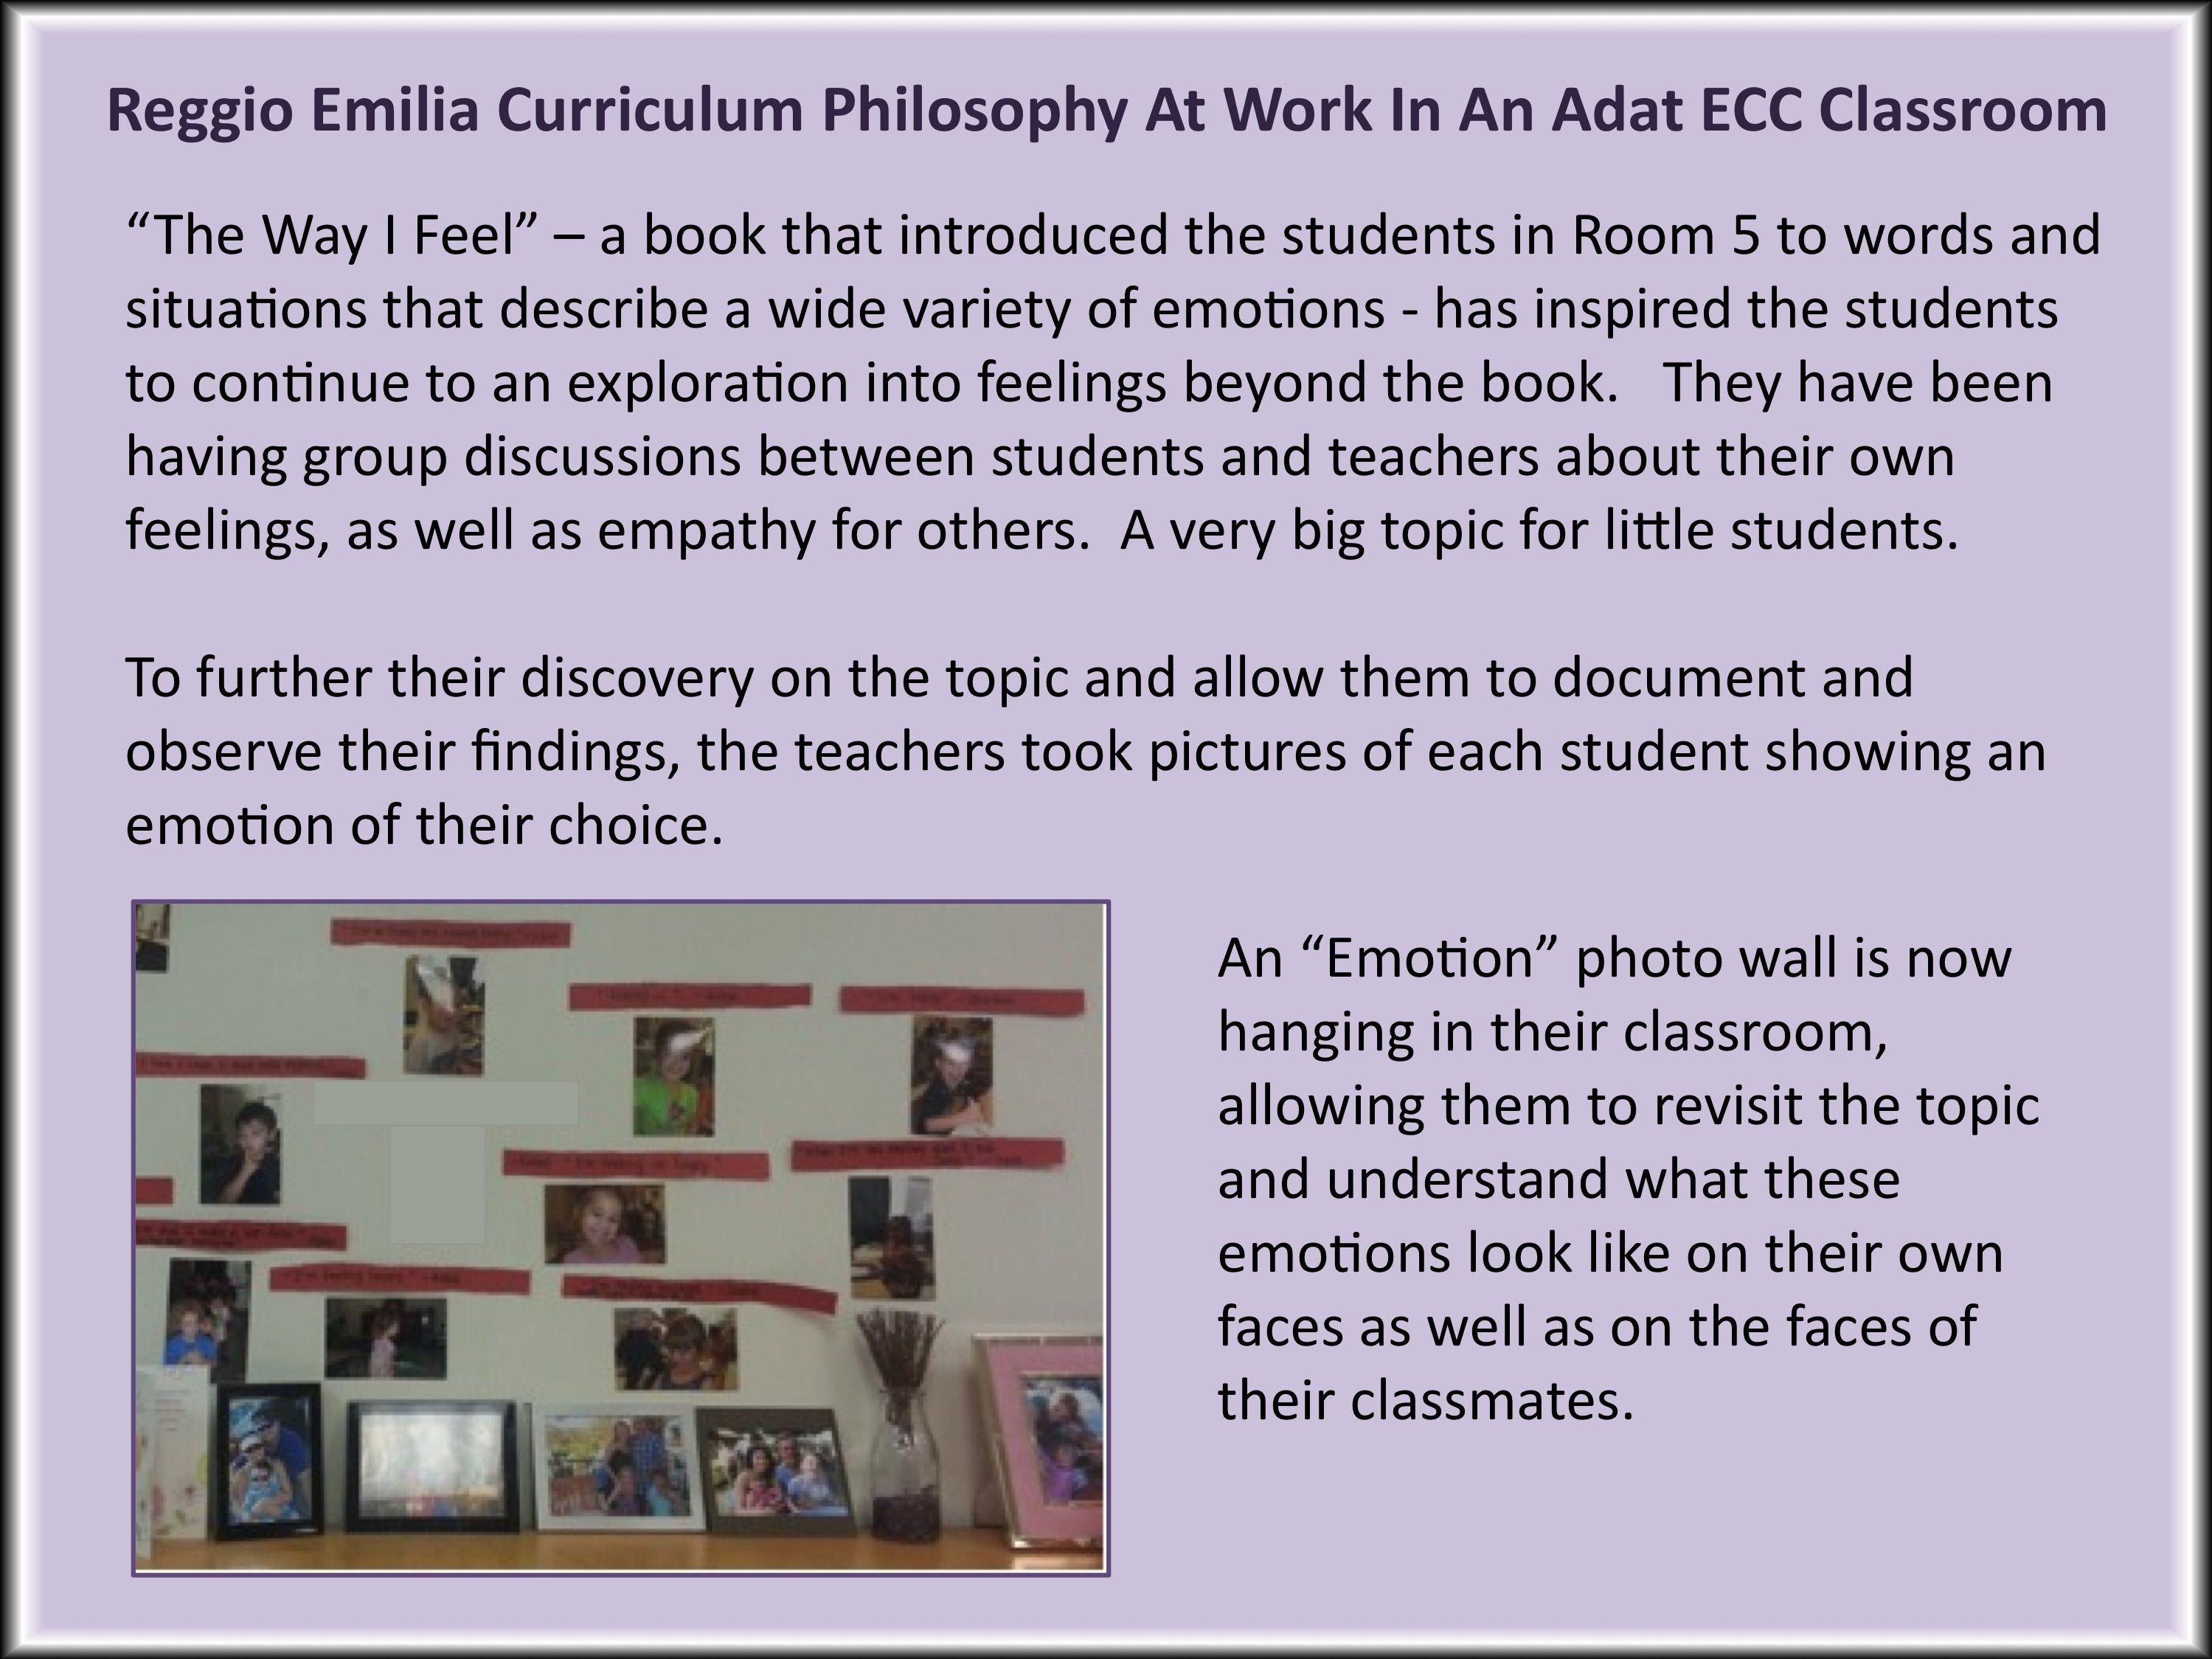 This Is An Example Of Many Reggio Emilia Curriculum Philosophies